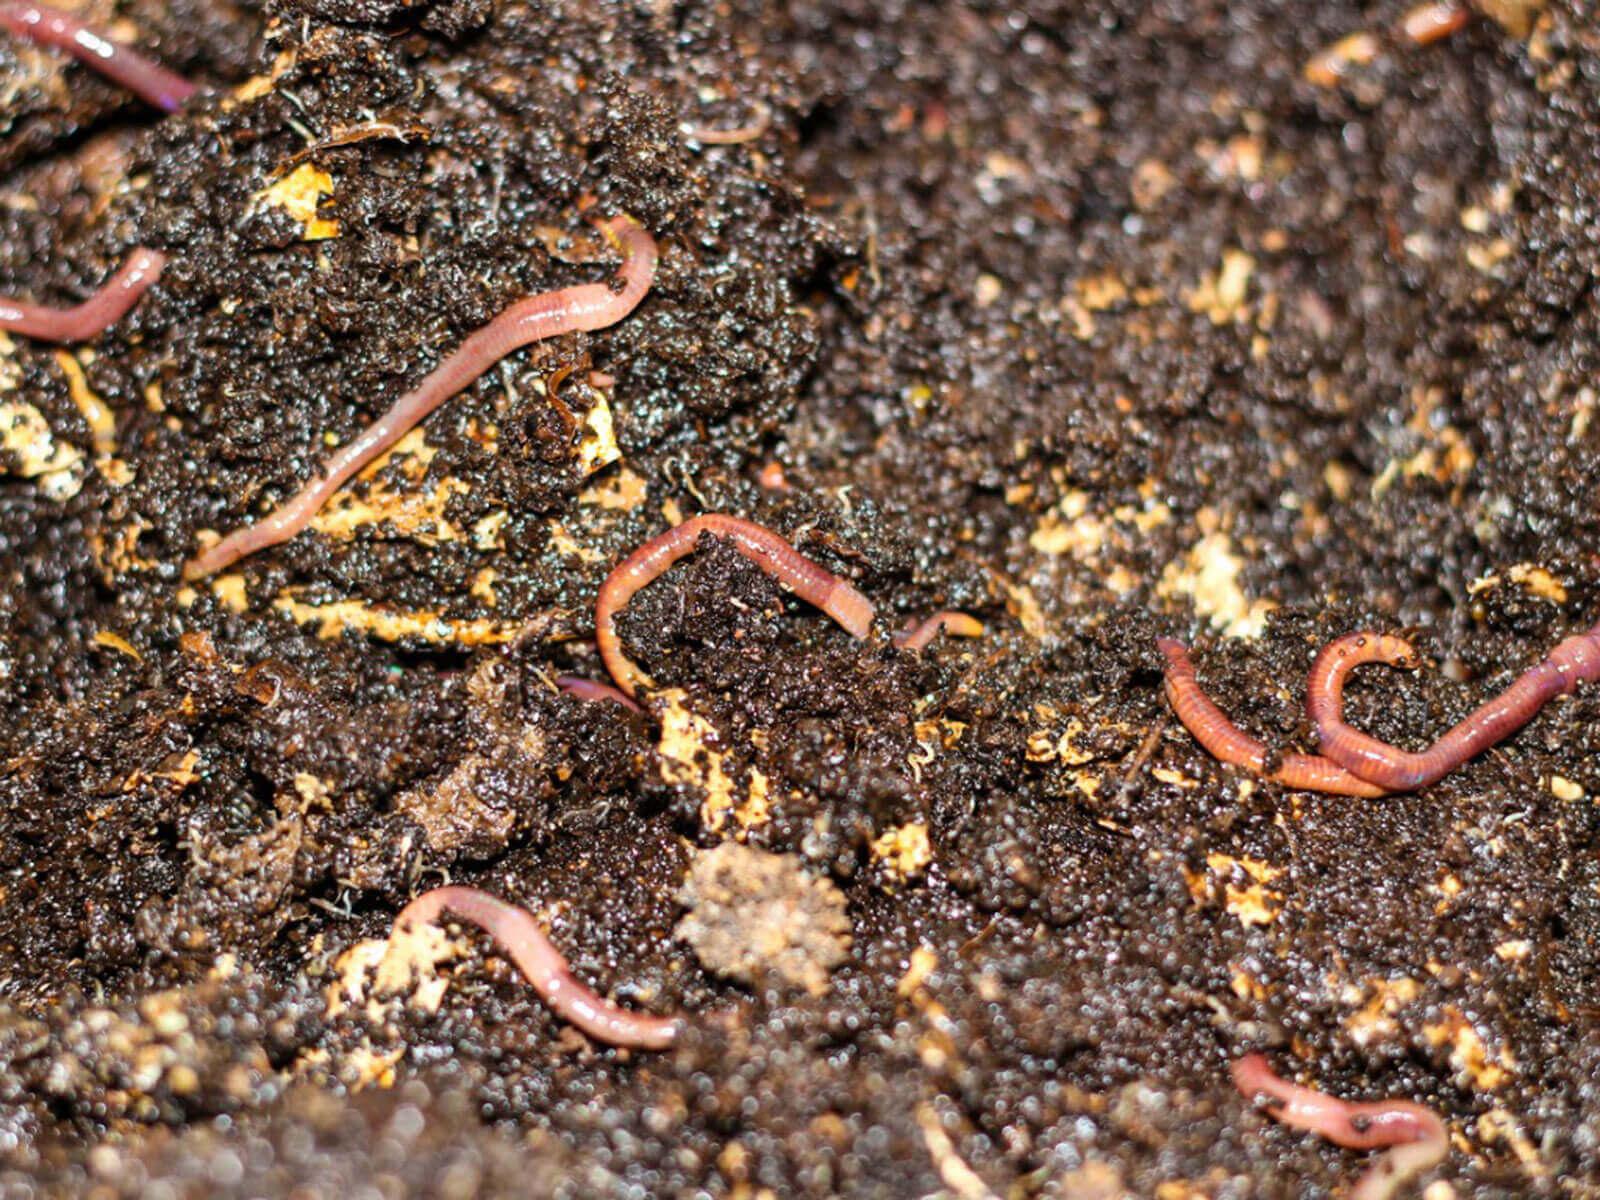 Organik ve son derece etkili olan solucan gübresi, profesyonel üreticilerin yanı sıra, ev veya bahçelerinde hobi olarak üretim yapanlar tarafından da tercih edilmektedir.